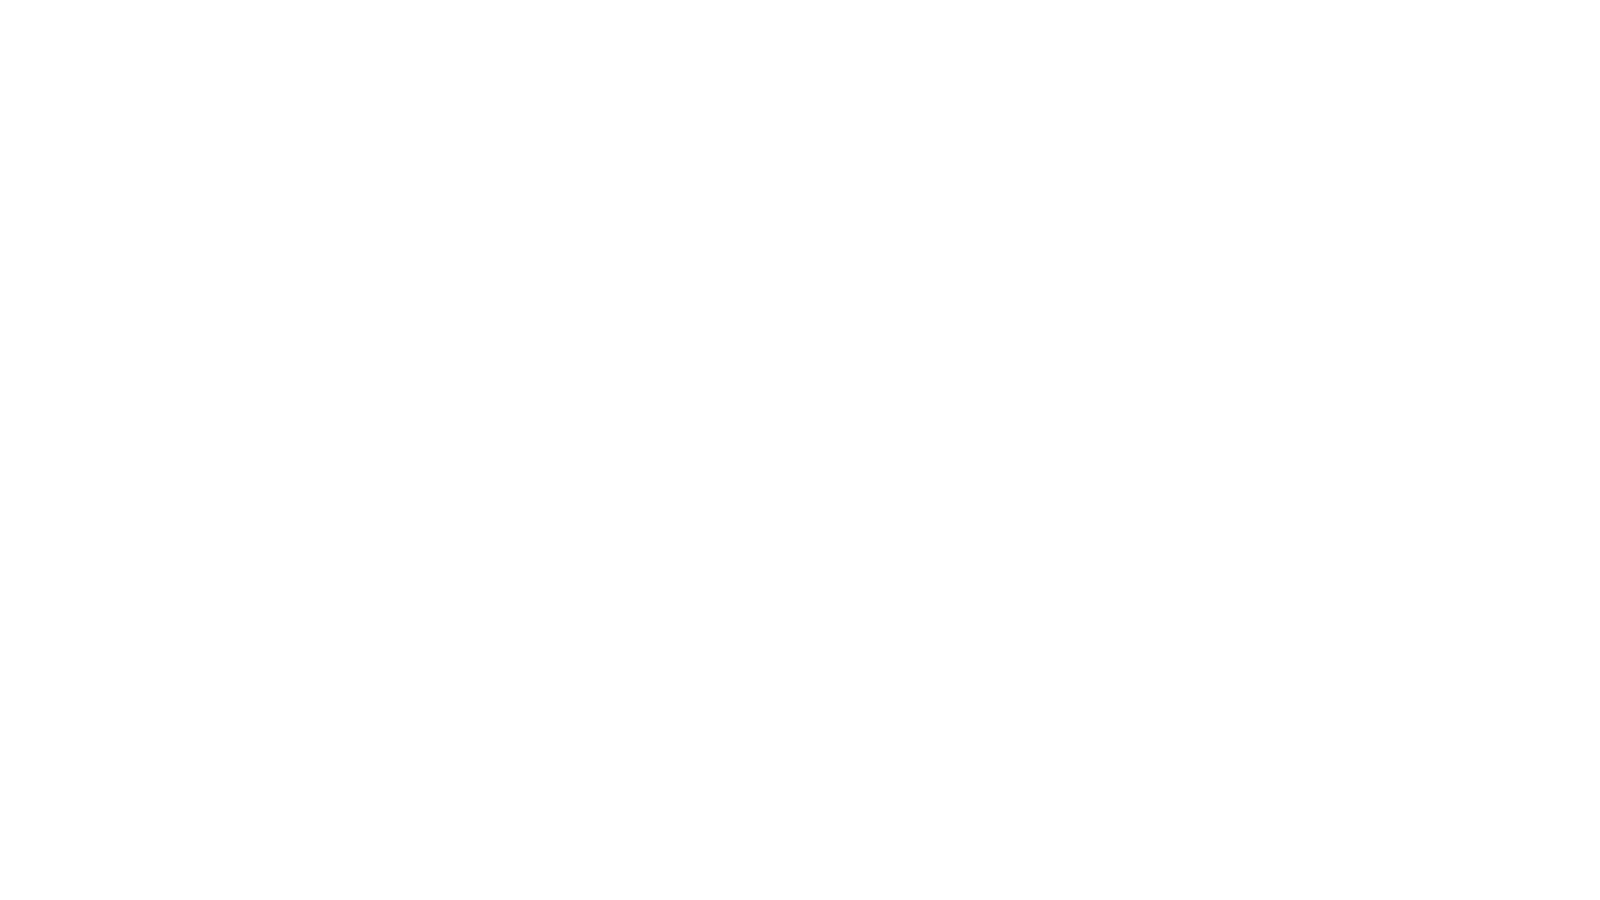 Direktsänt forskarwebbinarium med Stefan Larsson, docent, Institutionen för teknik och samhälle, LTH, Lunds universitet. Gäst: Håkan Jonsson, chef för Algorithmic Privacy & Fairness Centre of AI på Zalando. Handeln är mitt inne i en strukturomvandling. En väsentlig del har att göra med användandet av personuppgifter och den data som kan samlas in om personer för att skräddarsy erbjudanden och tjänster. Hur påverkas relationen mellan handlare och konsument av denna datainsamling? Oroar sig konsumenten för hur personuppgifterna hanteras?  Under ett direktsänt webbinarium berättar Stefan Larsson om tilliten i personaliseringens tid samt de utmaningar som strukturomvandlingen medför vad gäller tillit, transparens och integritet.  På webbinariet talar Stefan Larsson, docent och universitetslektor på Institutionen för Teknik och Samhälle på Lunds universitet, om det tvååriga forskningsprojekt som studerar hur handeln bäst bygger och bibehåller kundens tillit för datadrivna och individualiserade tjänster, och vilken grad av transparens som är praktiskt möjlig och lämplig för insamling och användning av individens data.  Från 23 september 2021.